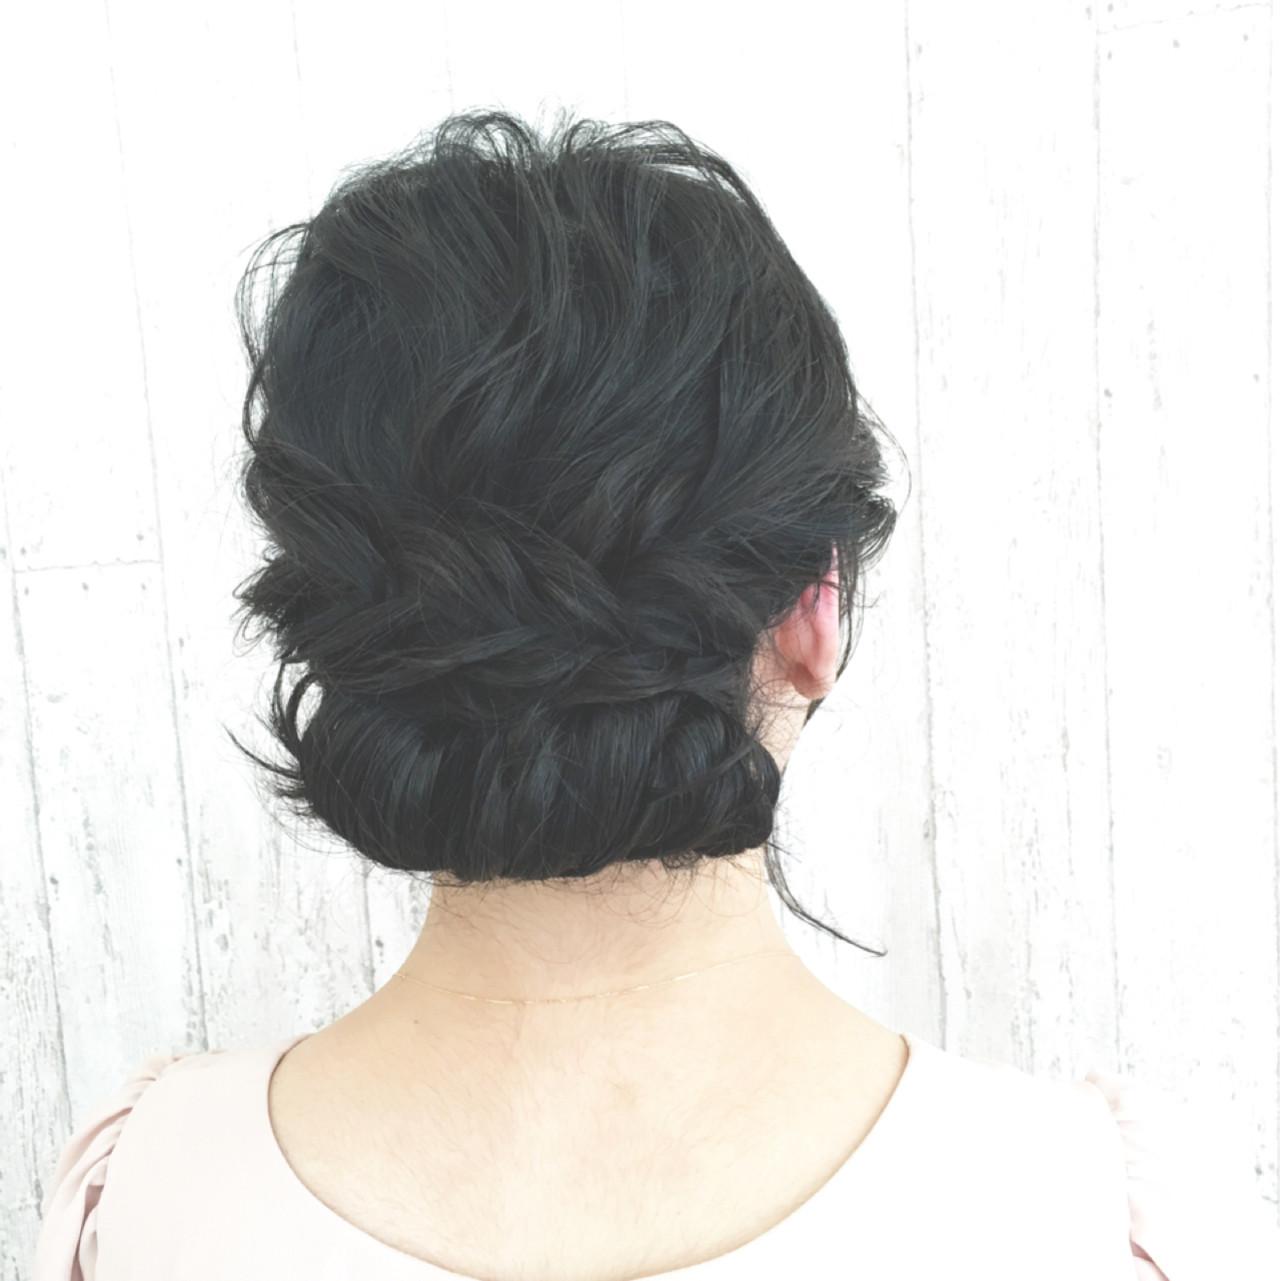 ゆるふわ 大人かわいい ヘアアレンジ 黒髪ヘアスタイルや髪型の写真・画像